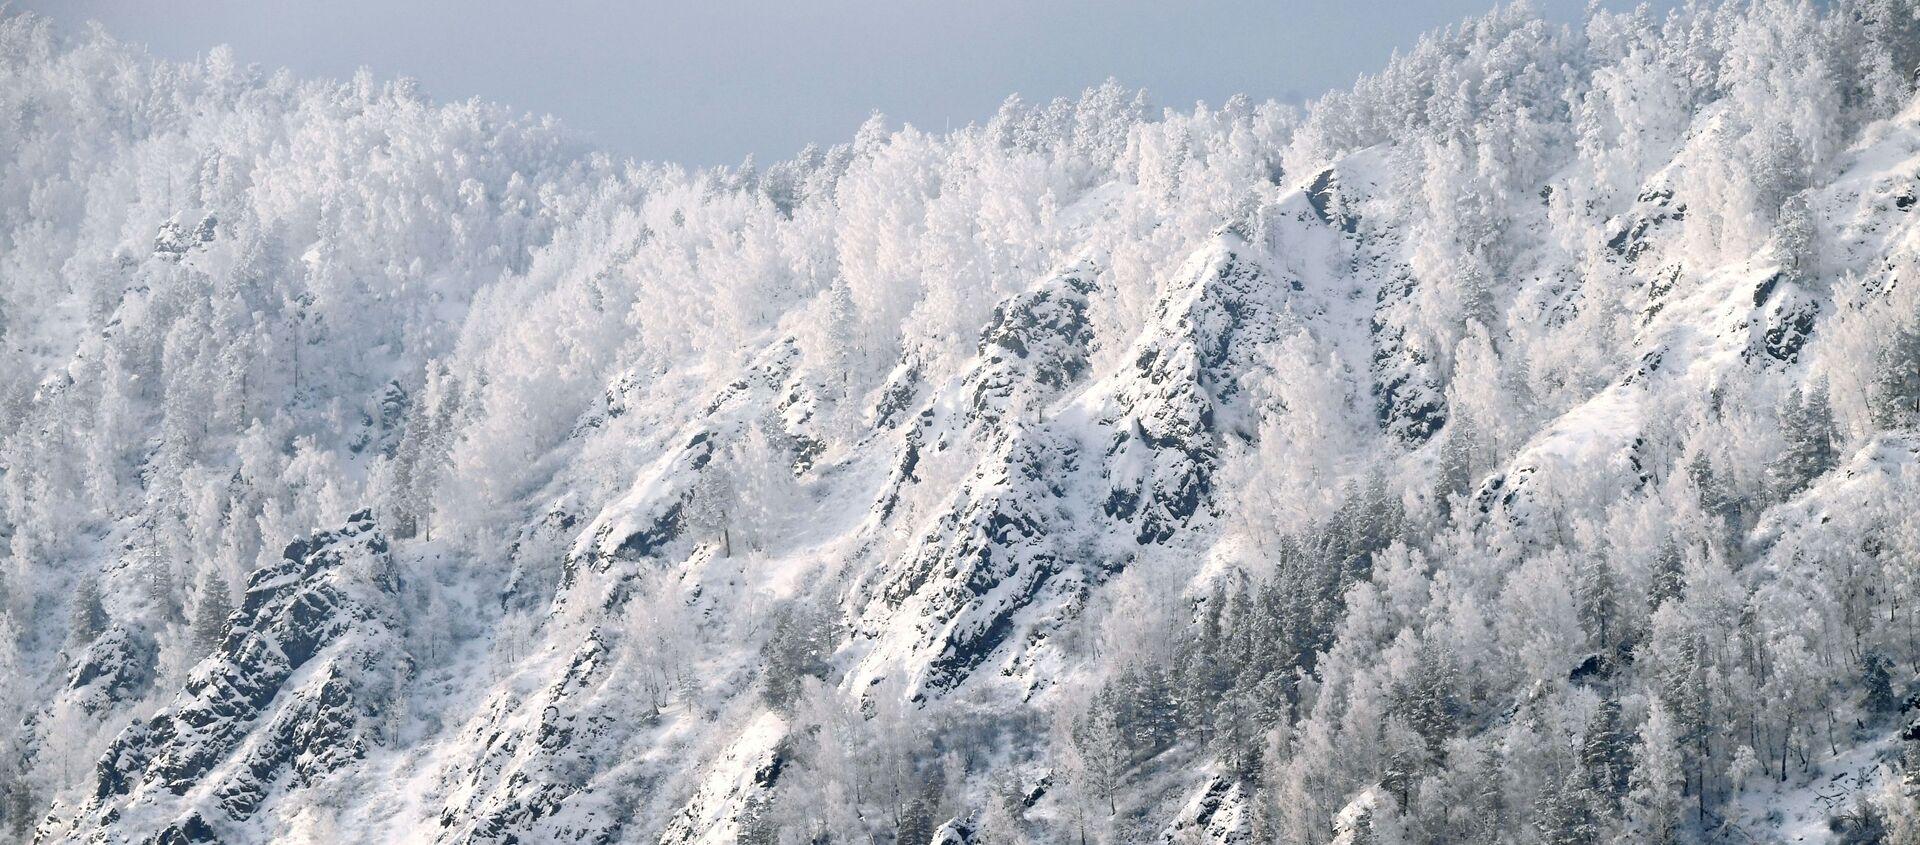 Покрытый снегом крутой таежный берег реки Енисей недалеко от города Дивногорска Красноярского края - Sputnik Italia, 1920, 29.11.2020